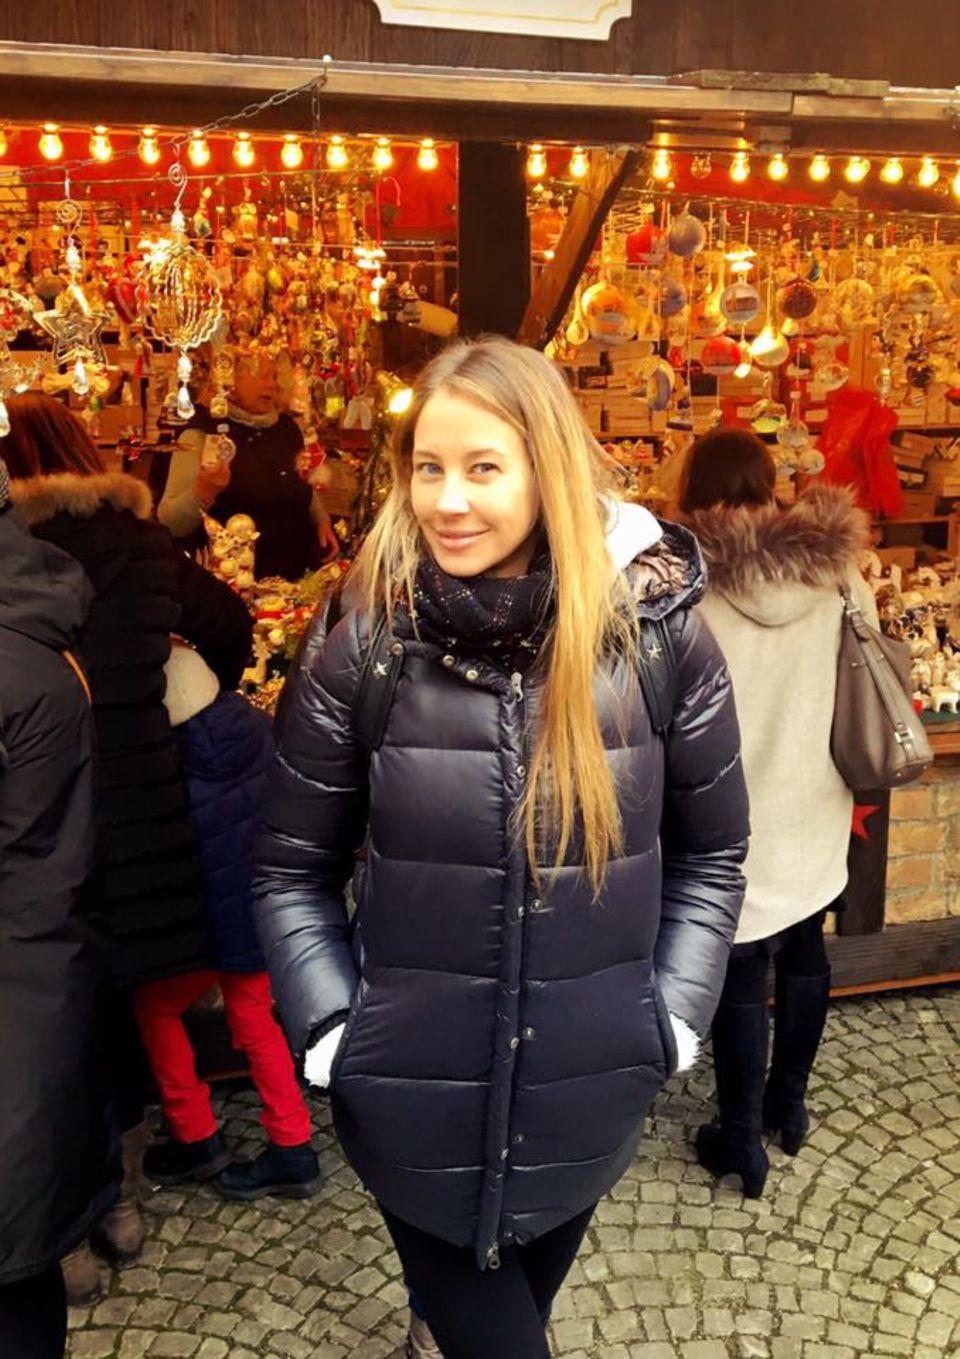 Alessandra Meyer-Wölden gönnt sich einen Tag auf dem Weihnachtsmarkt. Sie genießt den Besuch in der alten Heimat München.